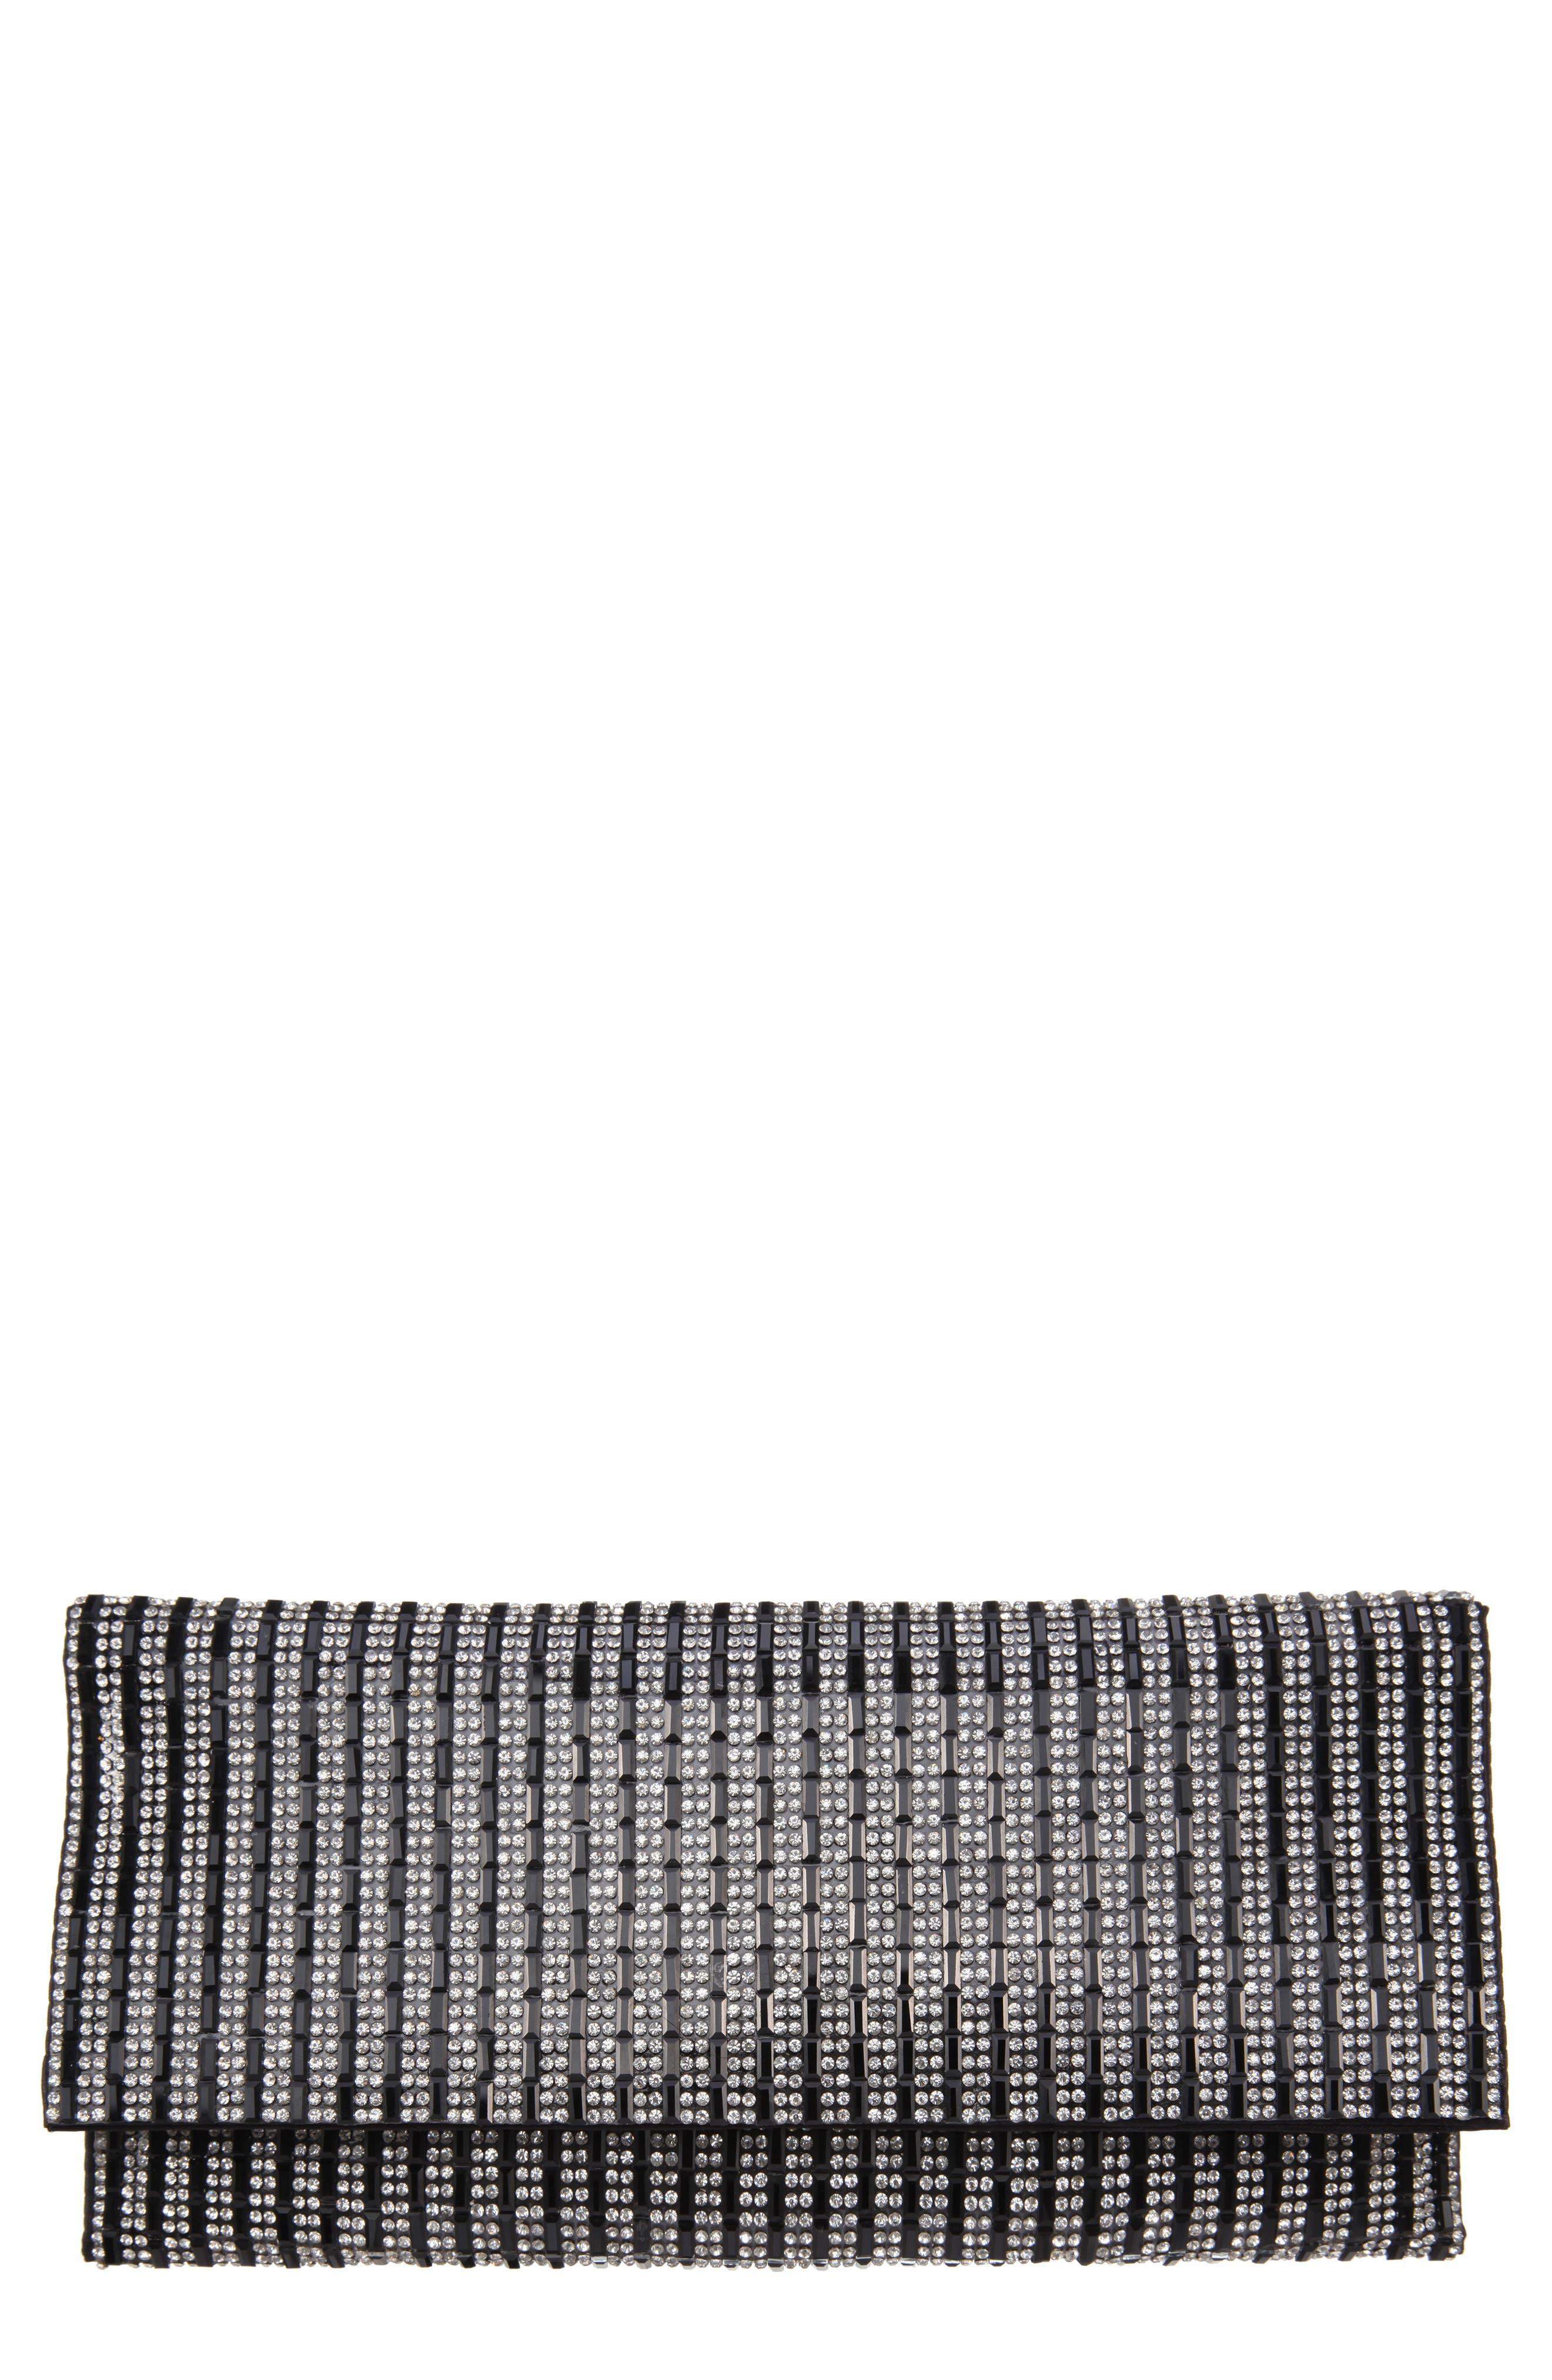 NINA Crystal Embellished Clutch, Main, color, BLACK/ WHITE